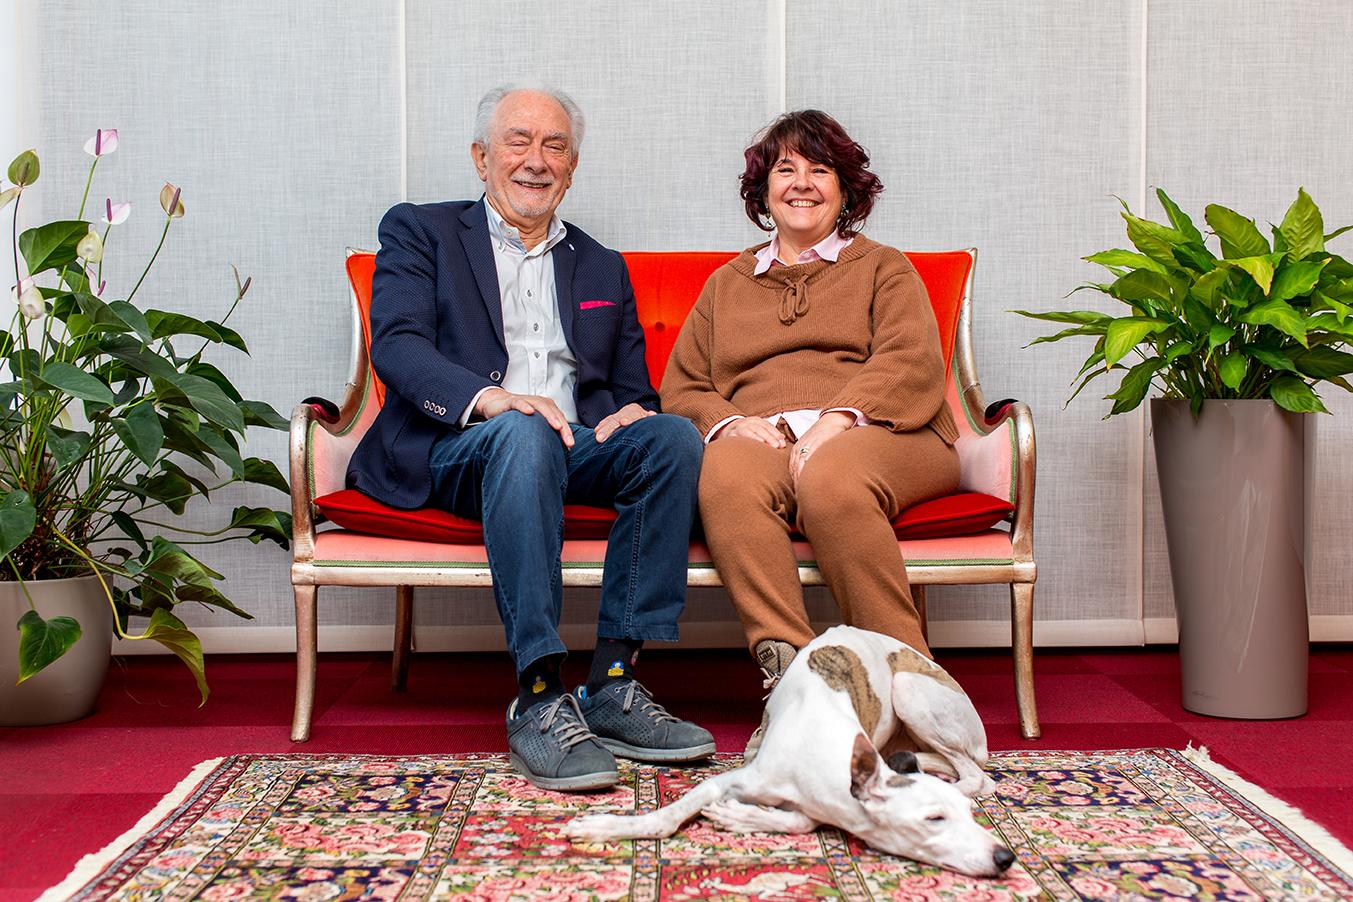 Bruno, il fondatore, e Marcella, l'amministratrice di Almacabio